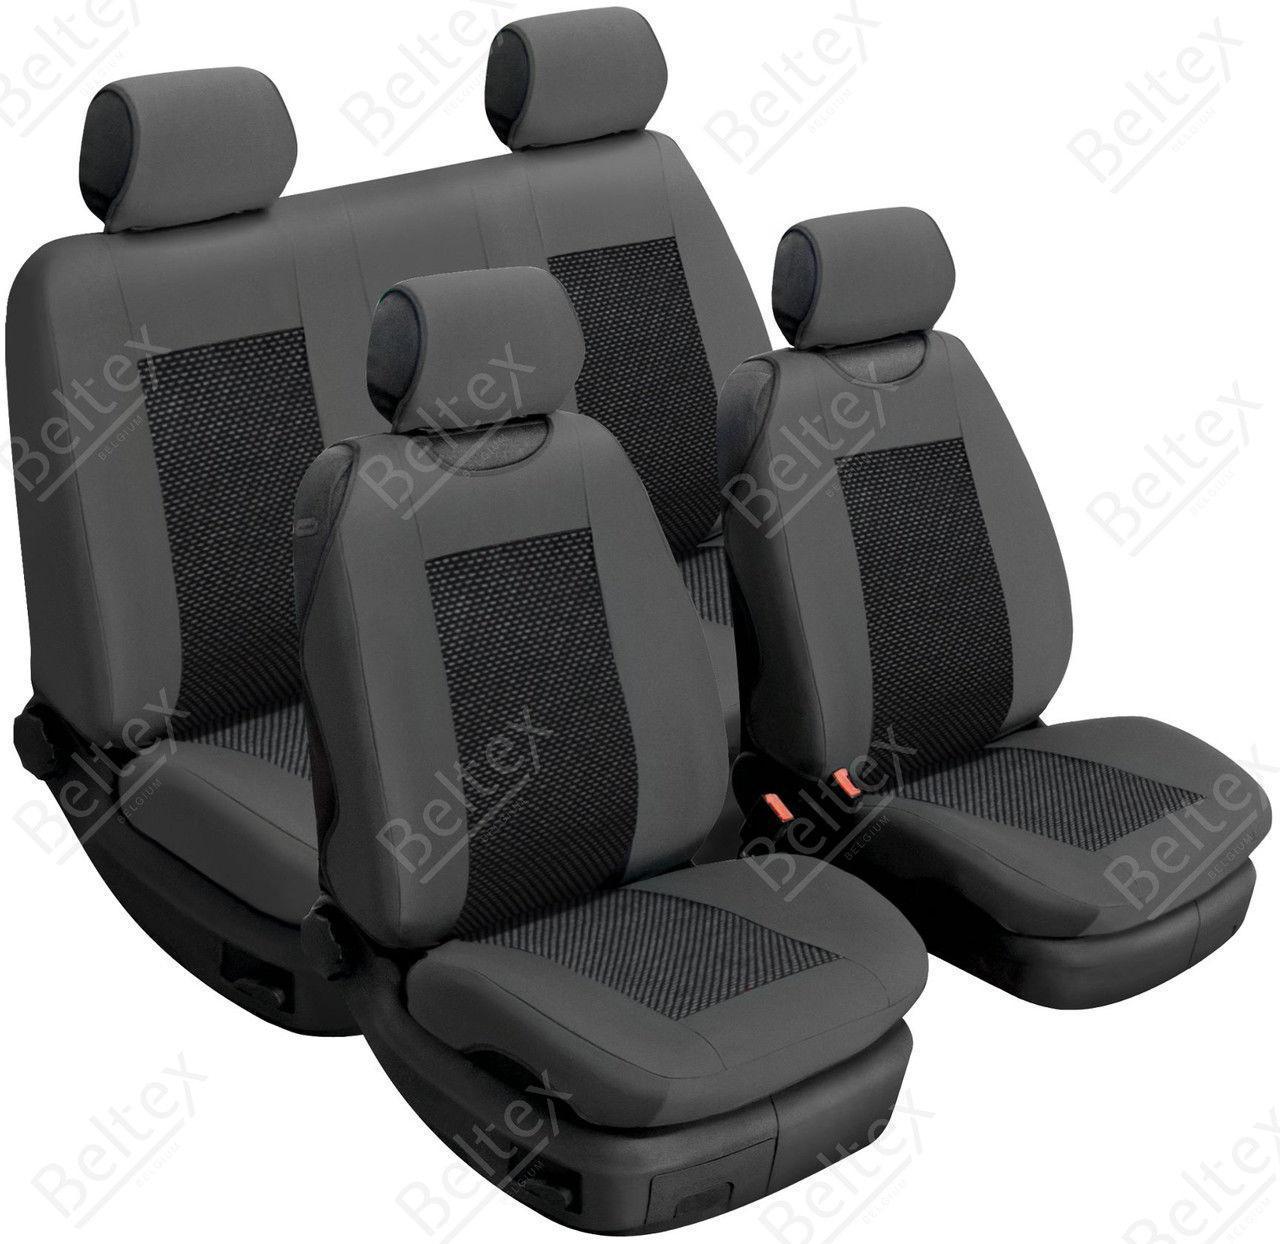 Майки/чехлы на сиденья Пежо 406 (Peugeot 406)